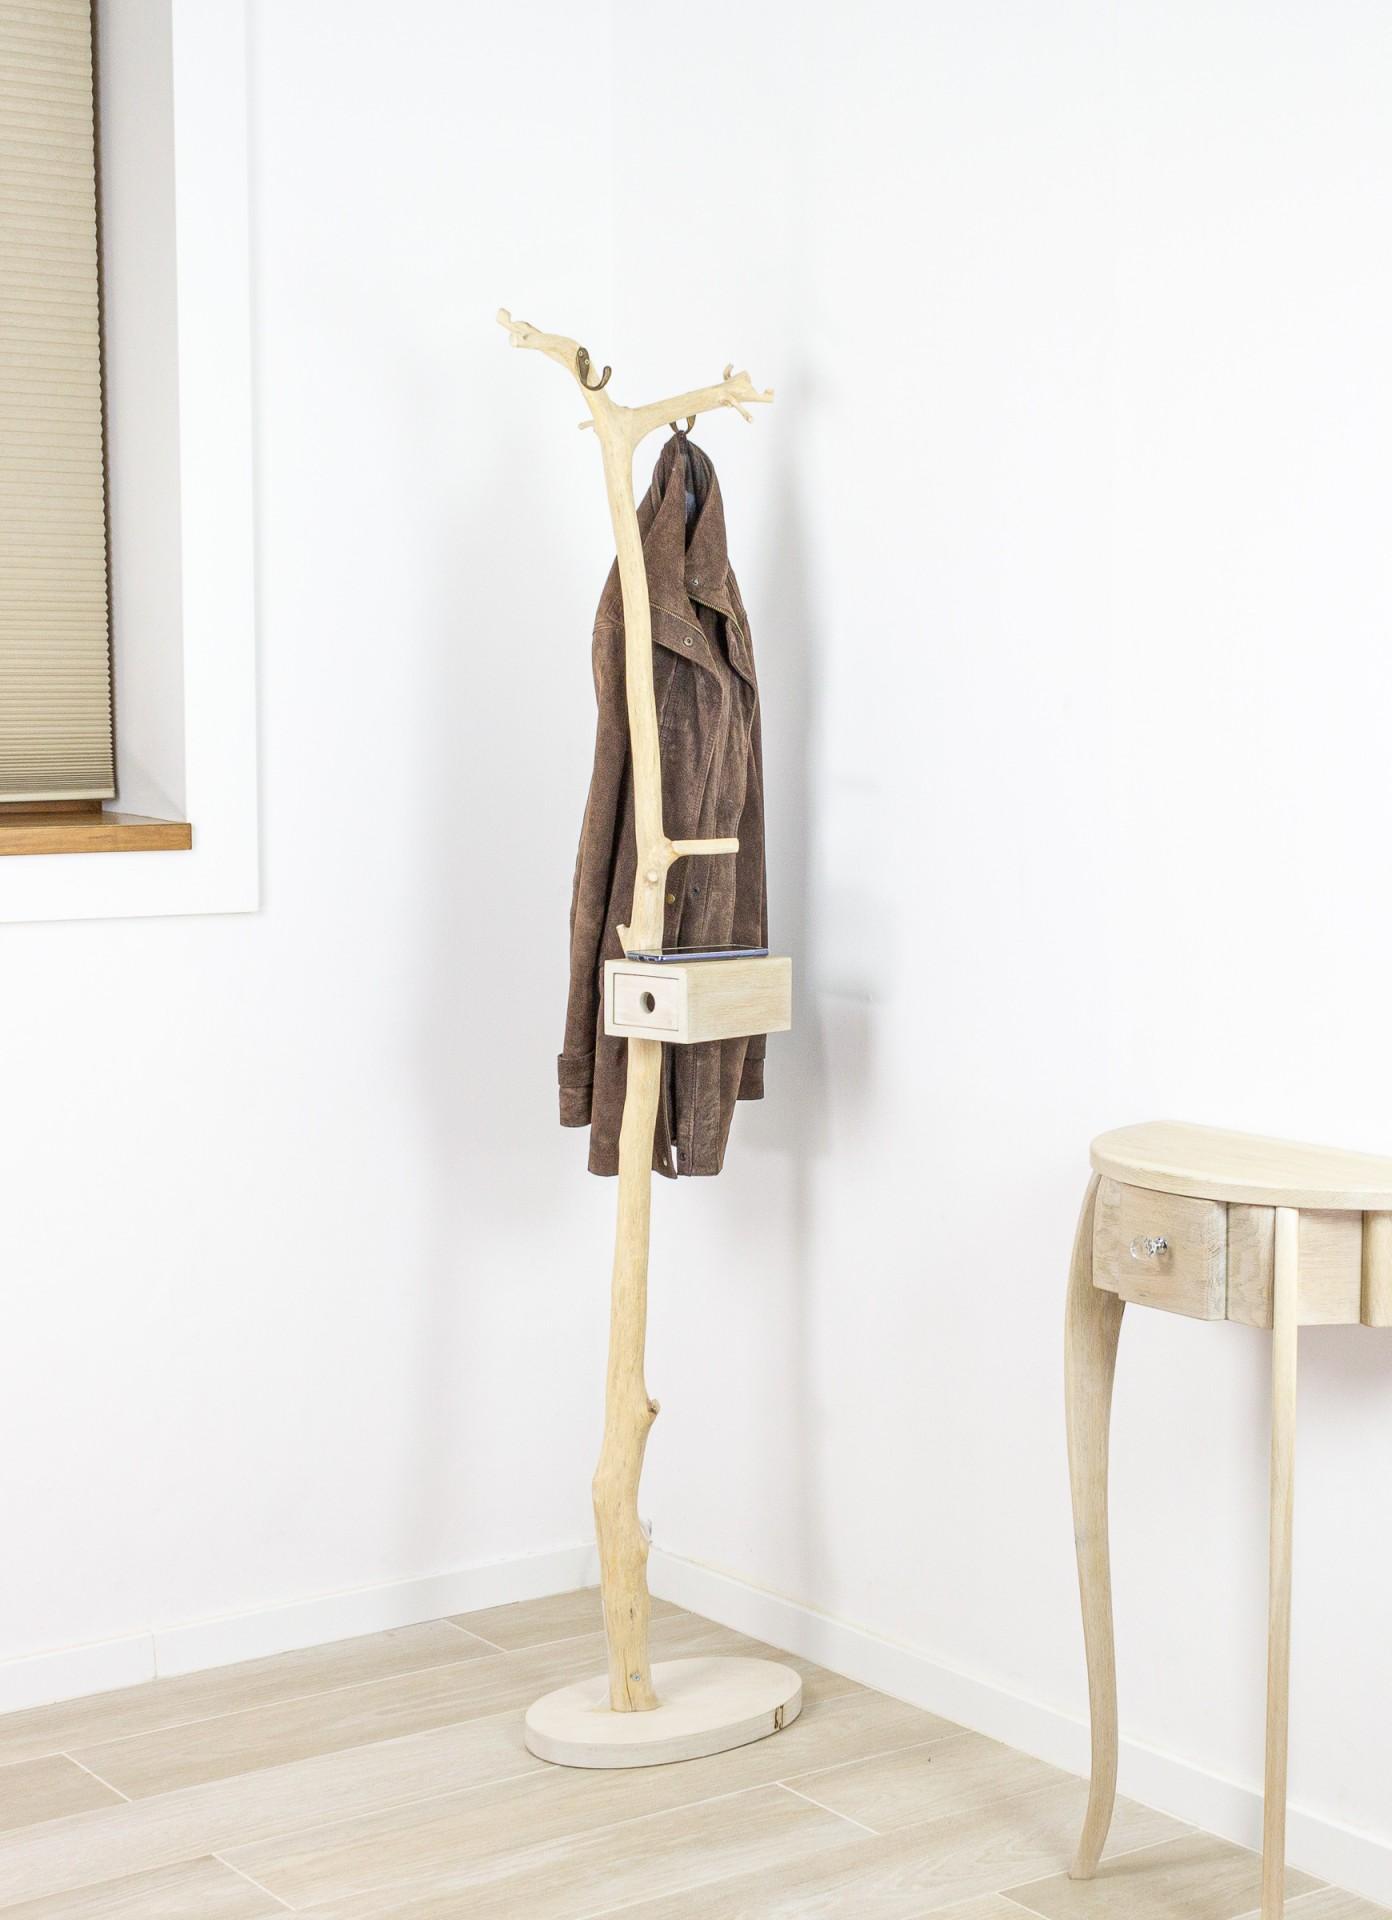 Wieszak na ubrania, wieszak drewniany, wieszak do przedpokoju